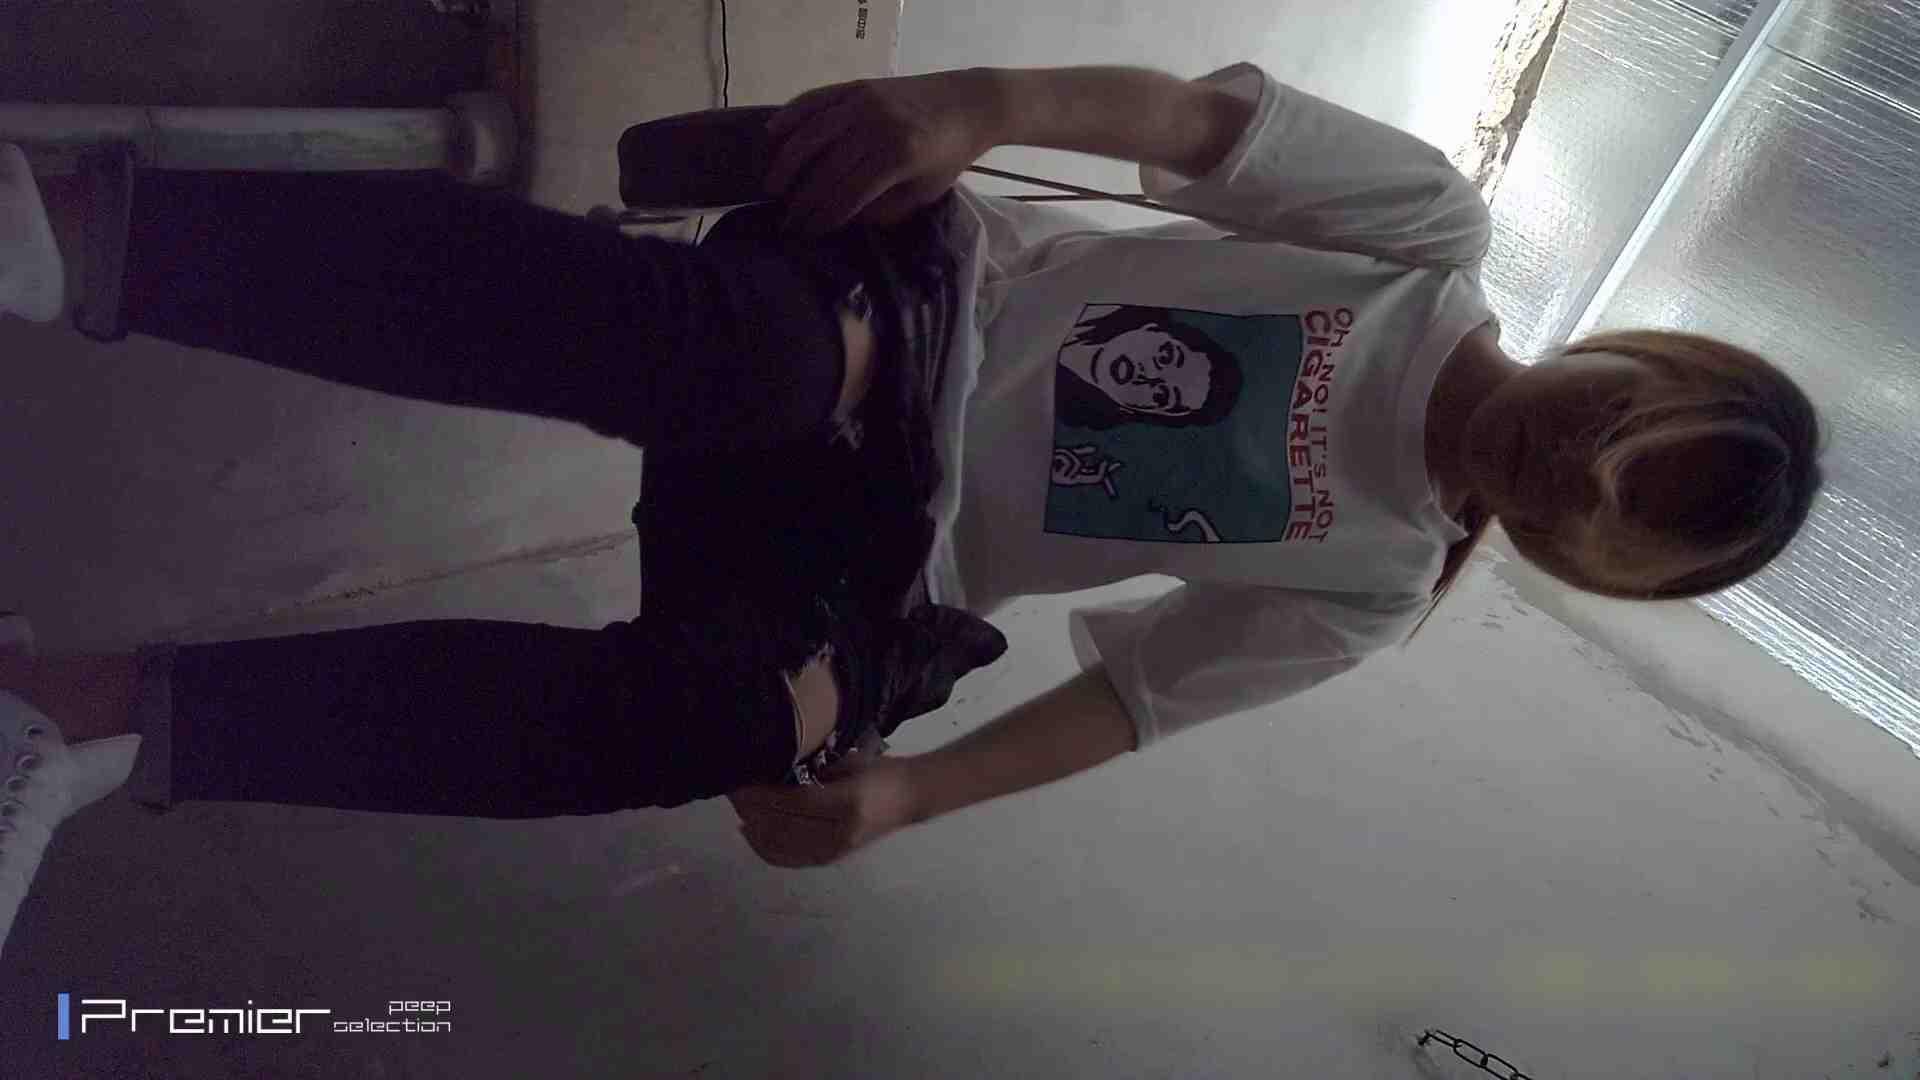 トイレシーンを密着盗撮!! 美女の痴態に密着!Vol.14 パンチラ放出 覗きワレメ動画紹介 98pic 62